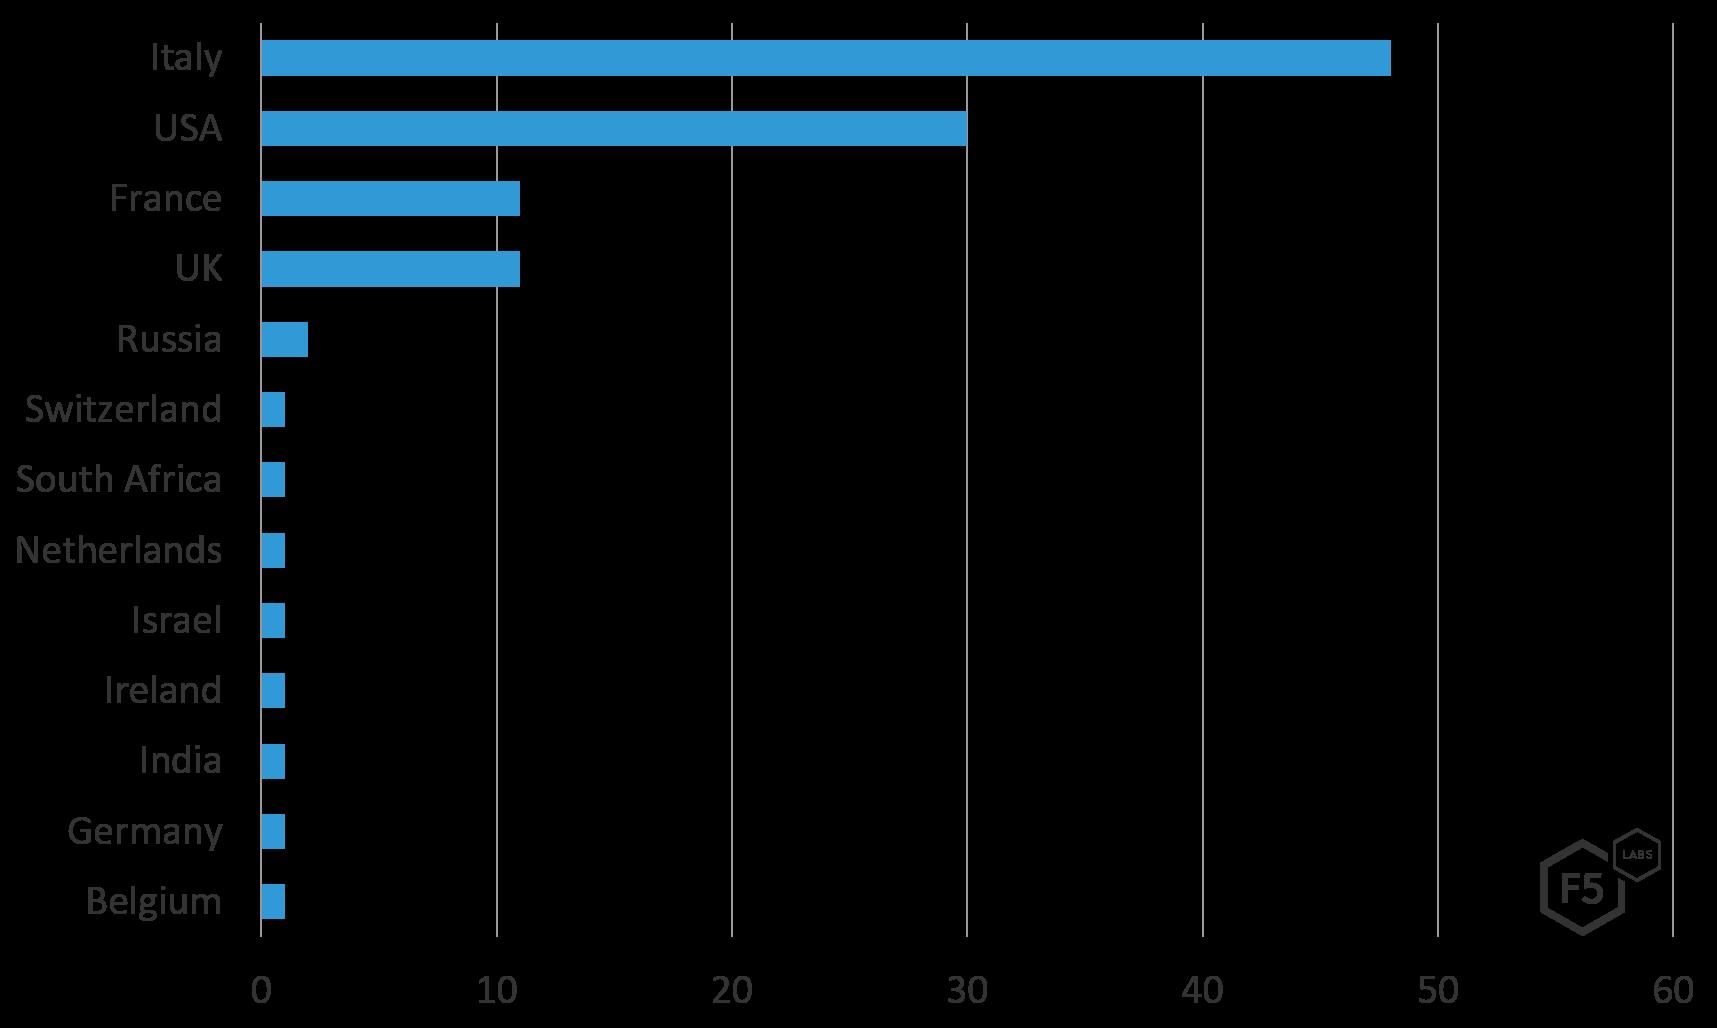 Gli attacchi contro i servizi finanziari online crescono, in particolare in Italia 2